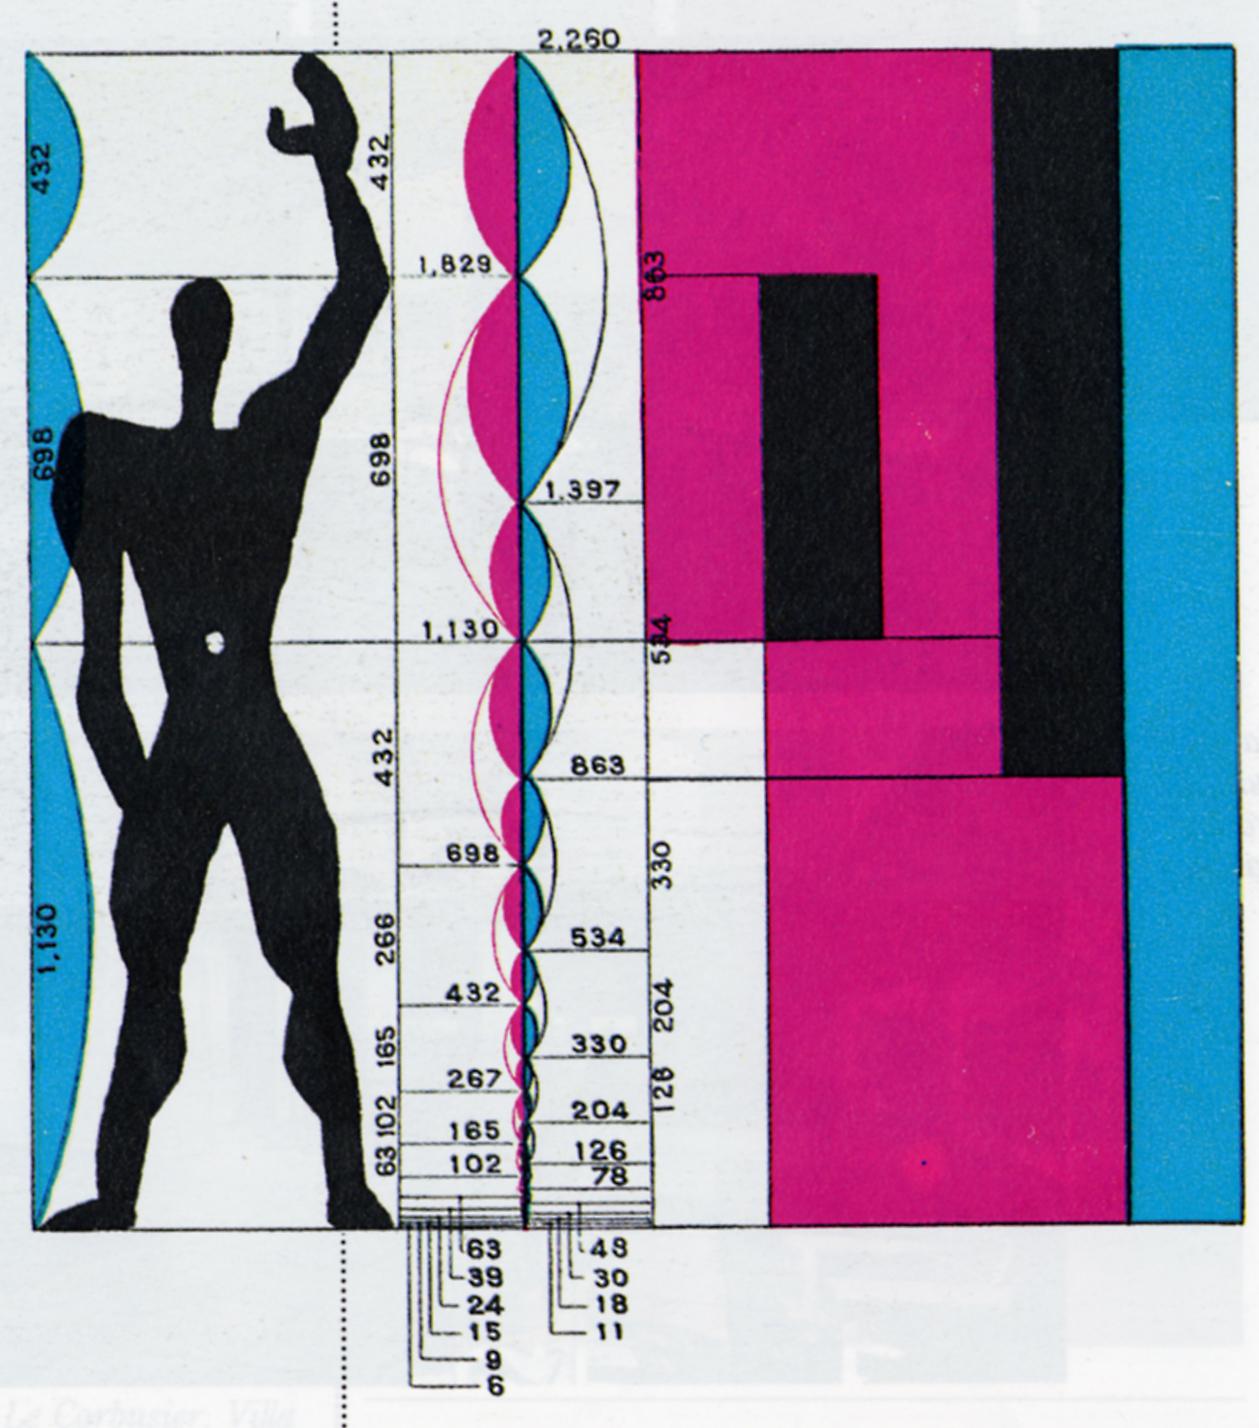 The Modulor of 1948, Le Corbusier's interpretation of the Vitruvian Man